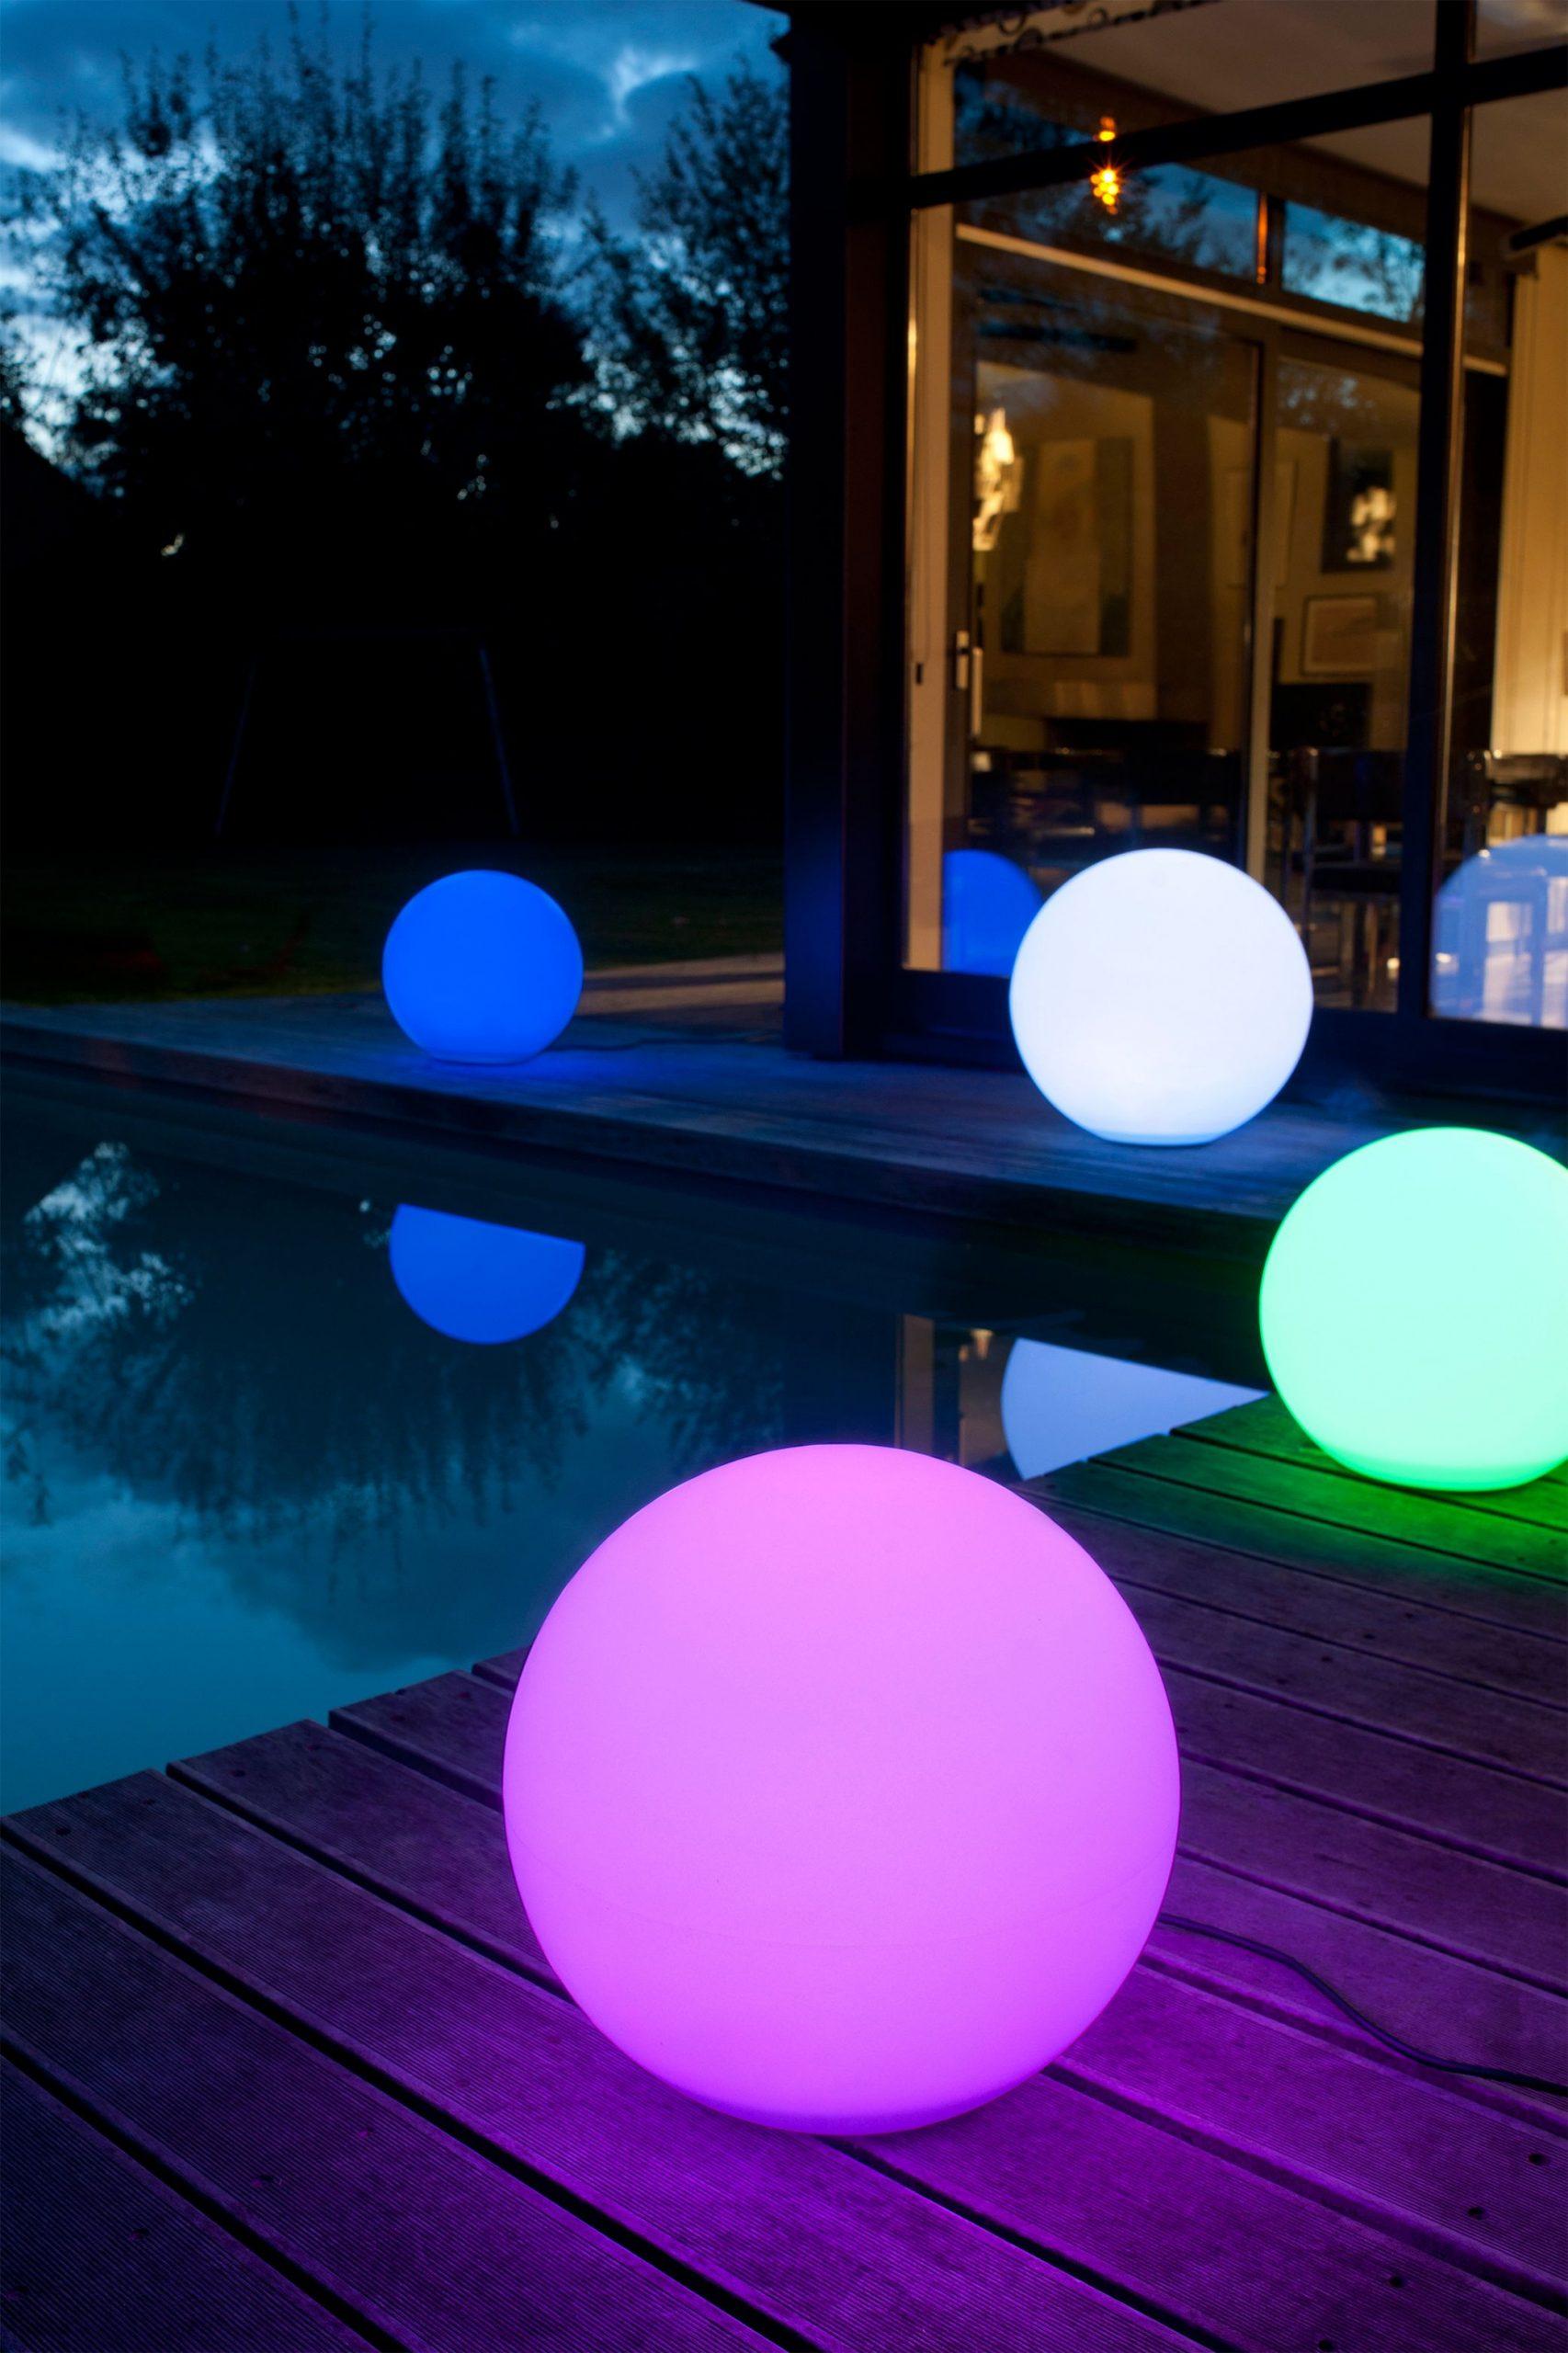 Boule Lumineuse Multicolore | Éclairage Extérieur, Boule ... avec Sphere Lumineuse Jardin